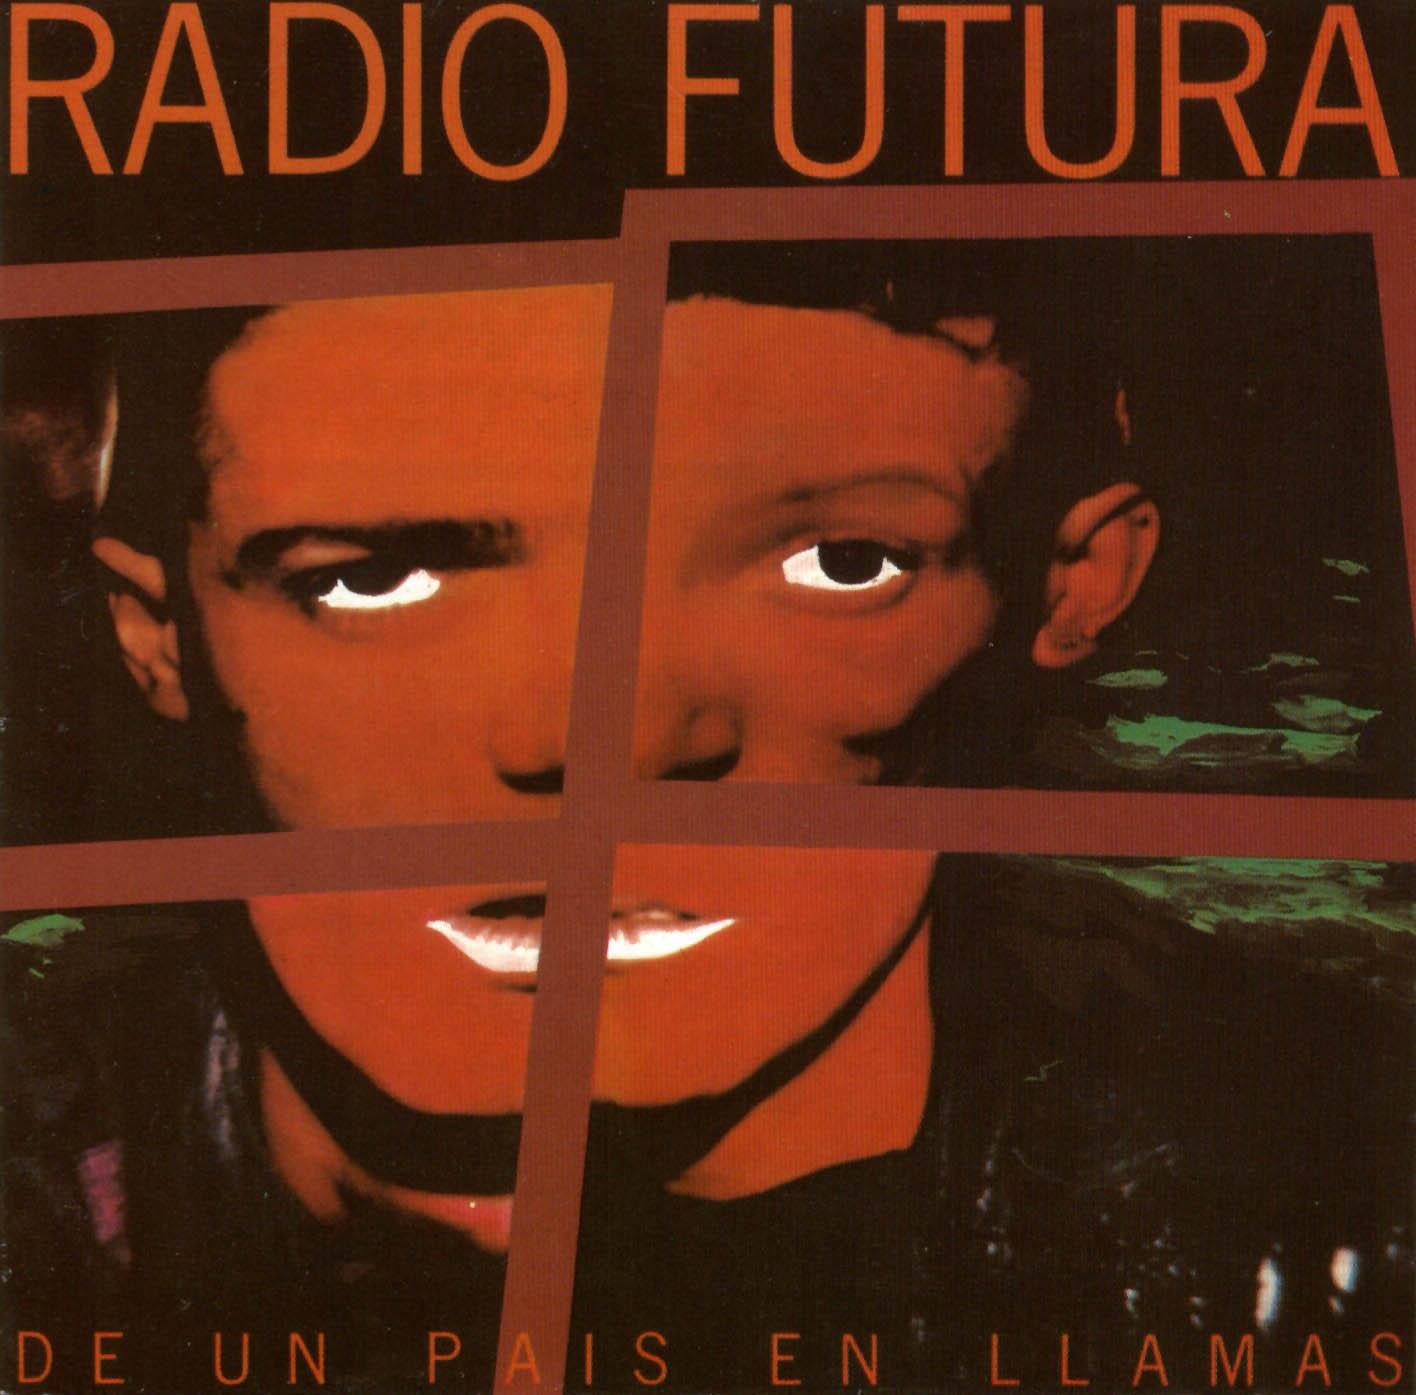 Caratula frontal de Radio Futura - De Un Pais En Llamas